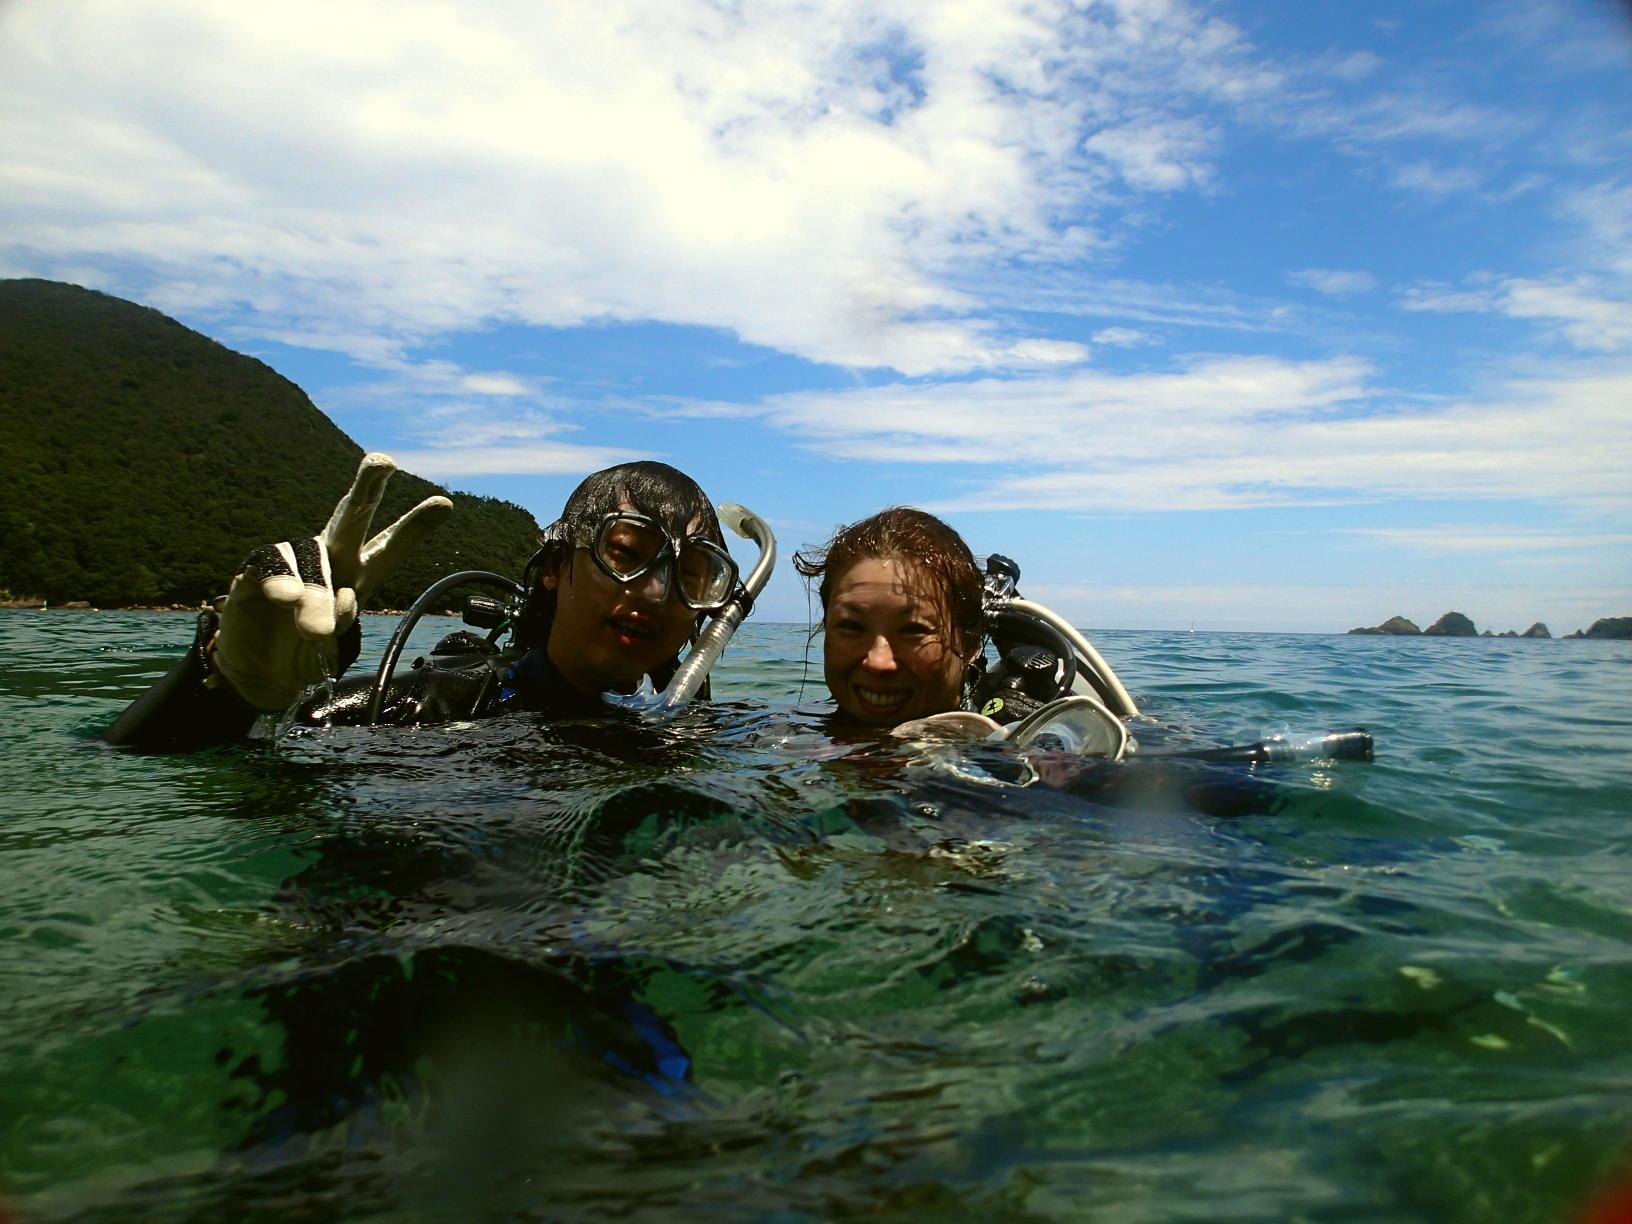 ダイビングに挑戦したいけど不安な方には体験ダイビングがオススメ